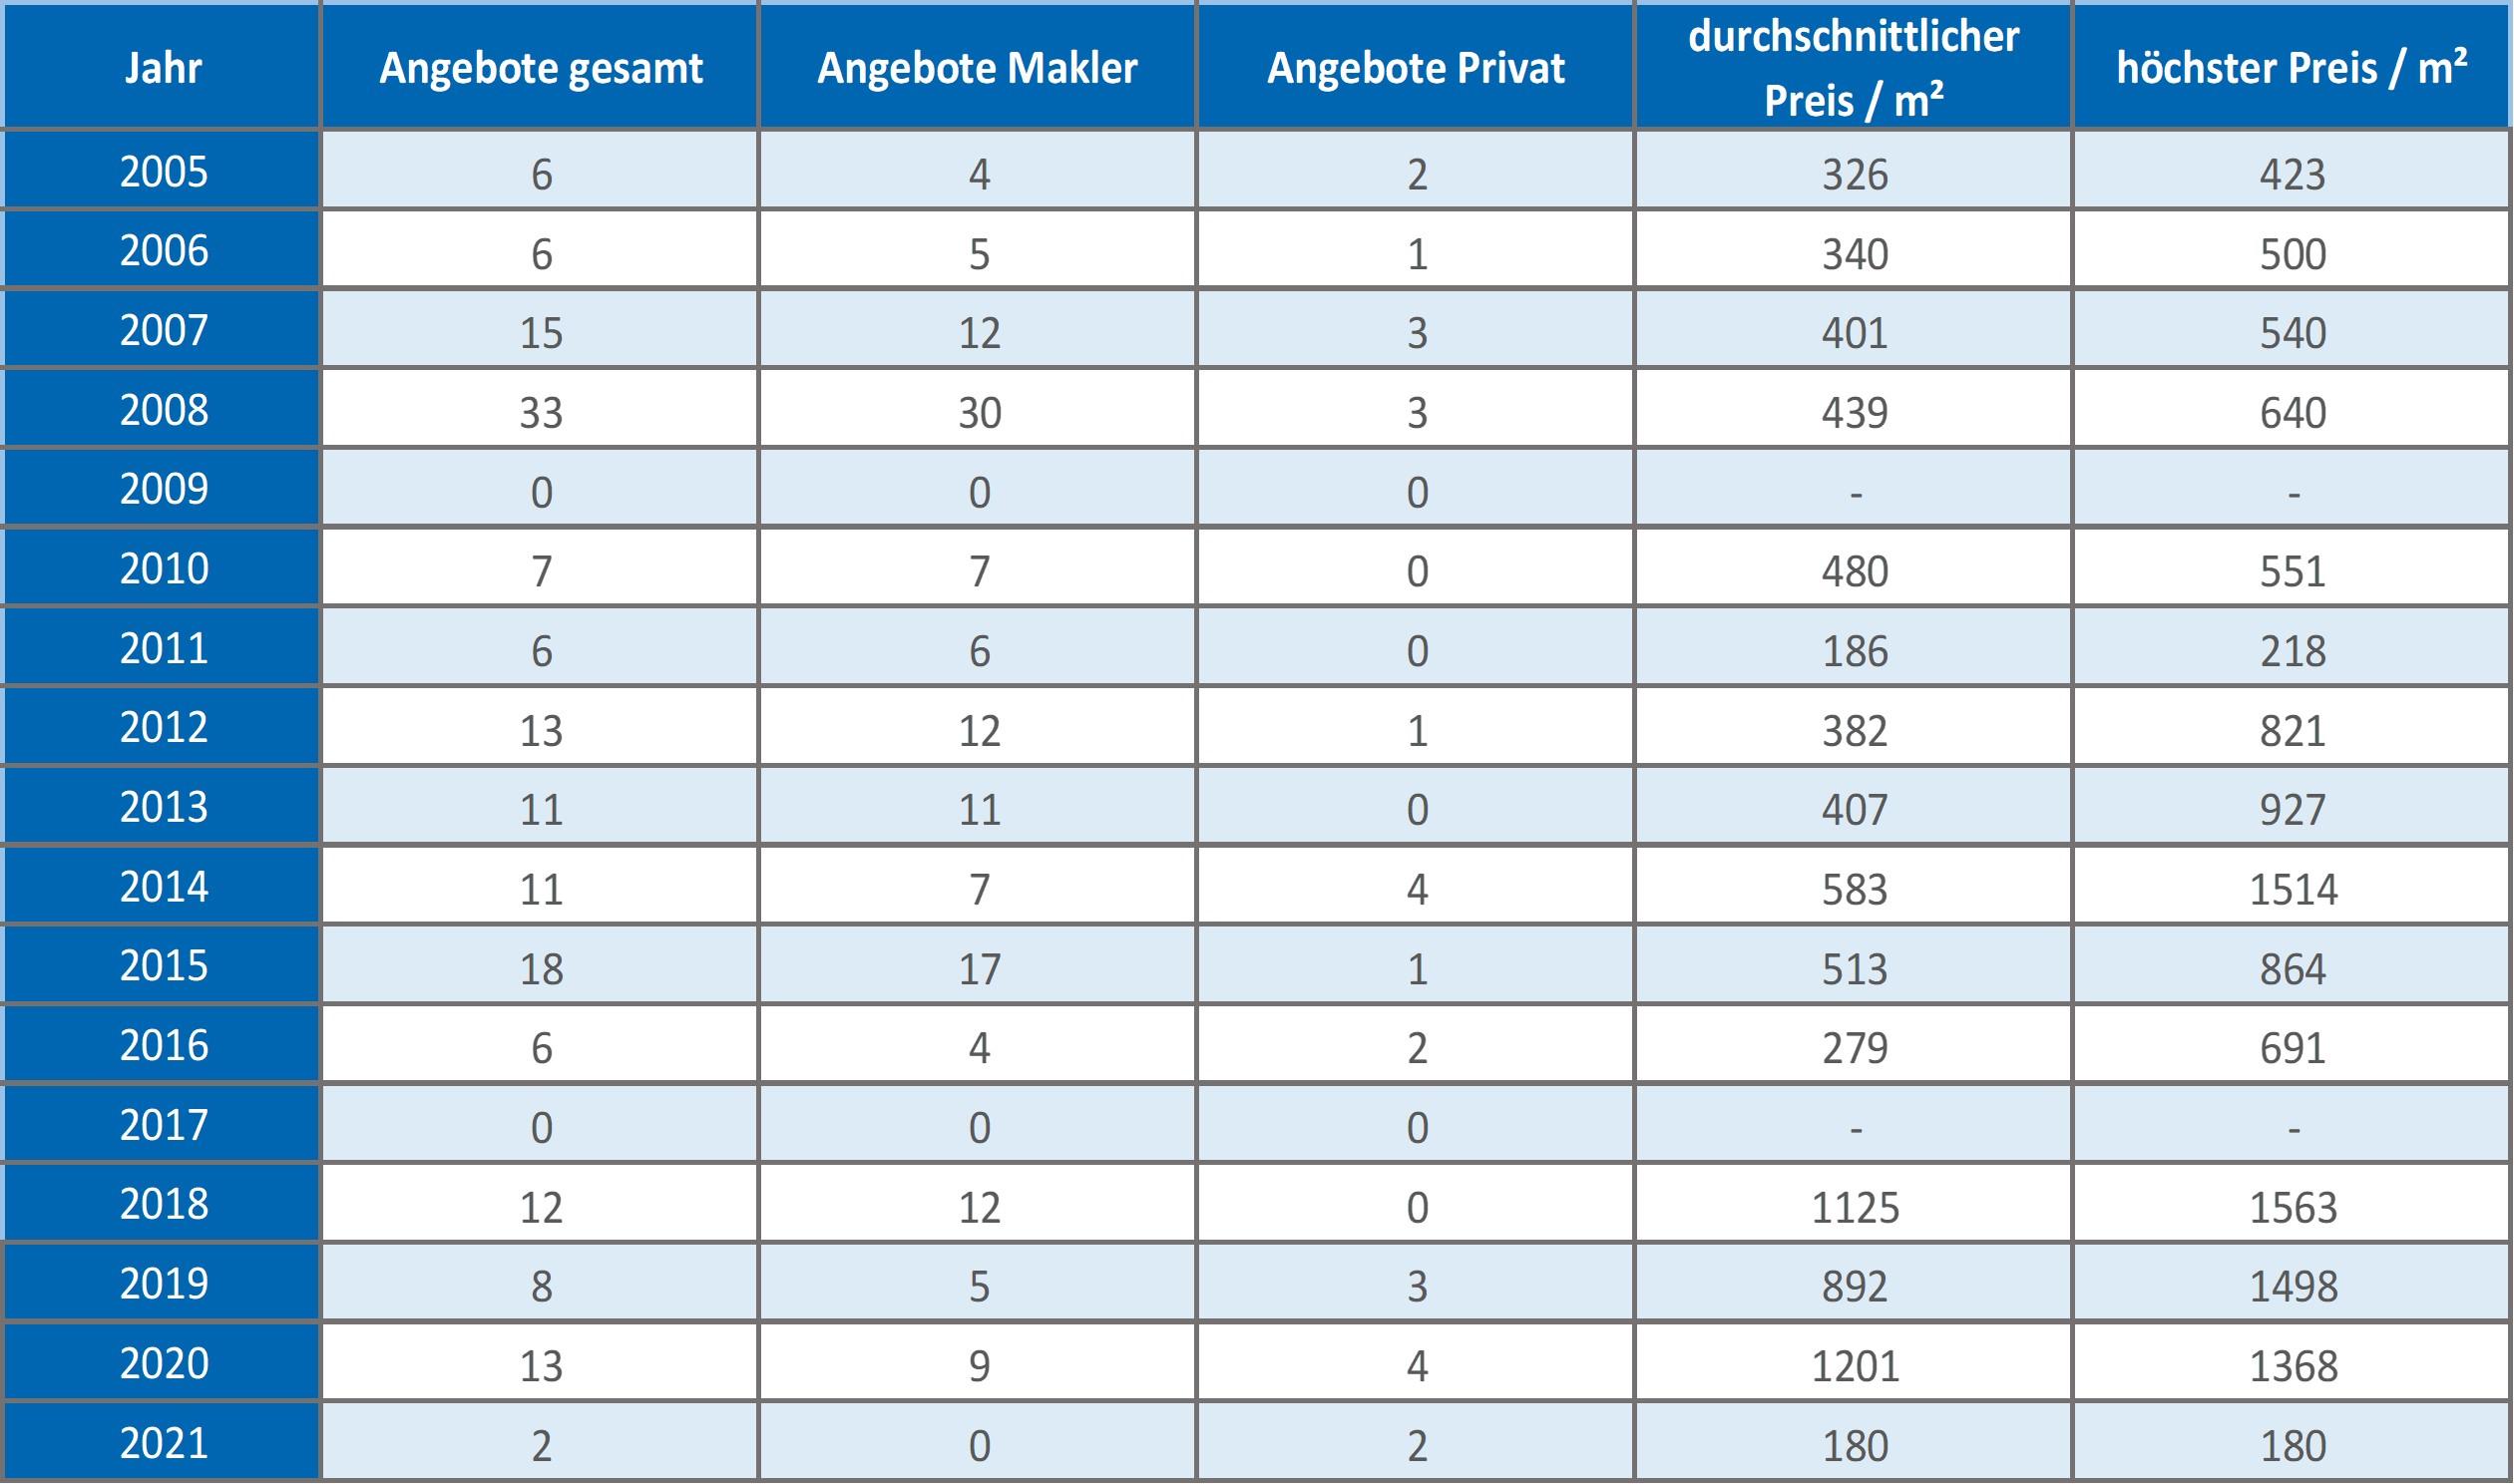 Otterfing-Grundstück-Kaufen-Verkaufen-Makler 2019 2020 2021